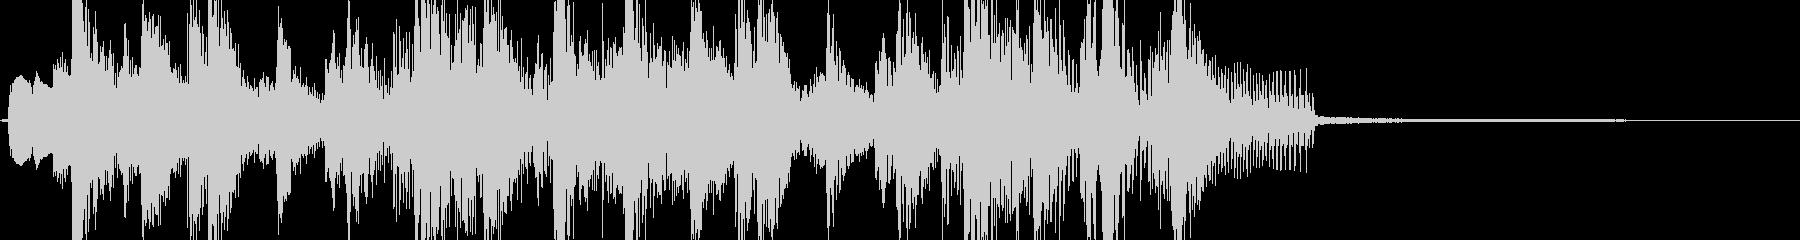 ファンキー・イカす琴の和風ジングル Aの未再生の波形